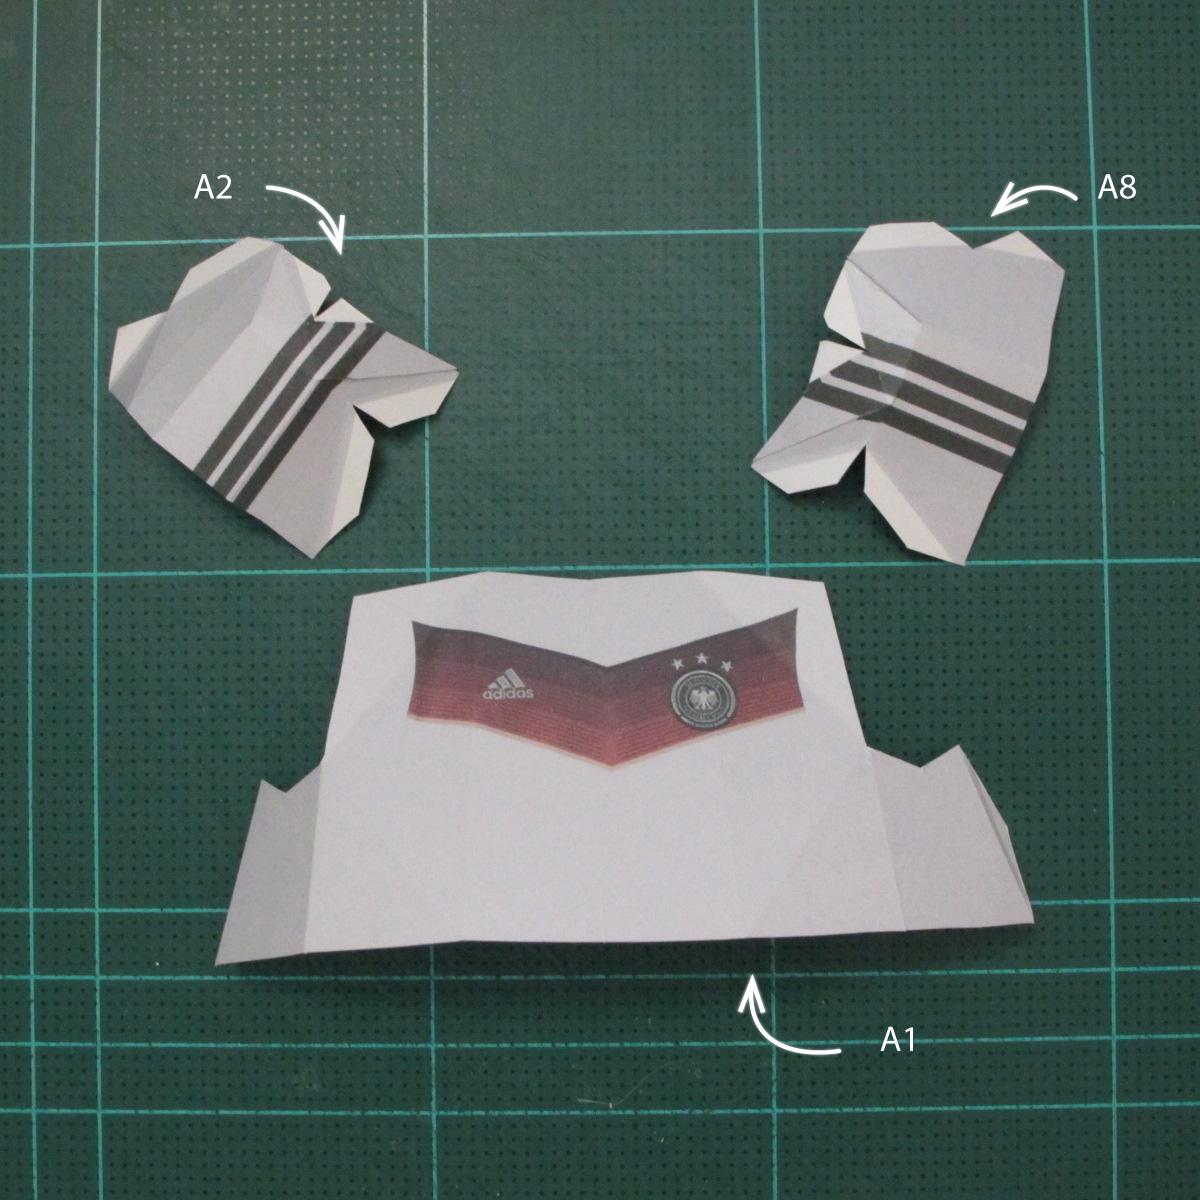 วิธีทำชุดนักบอลฟุตบอลโลก 2014 ทีมเยอร์มันสำหรับโมเดลหมีบราวน์ (FIFA World Cup  Soccer  Germany  Jersey Papercraft Model) 001